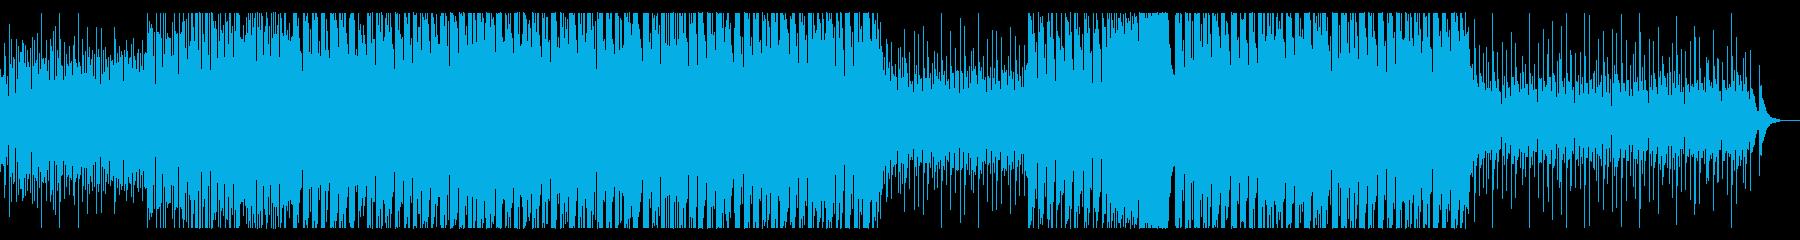 パリピっぽいEDMの再生済みの波形